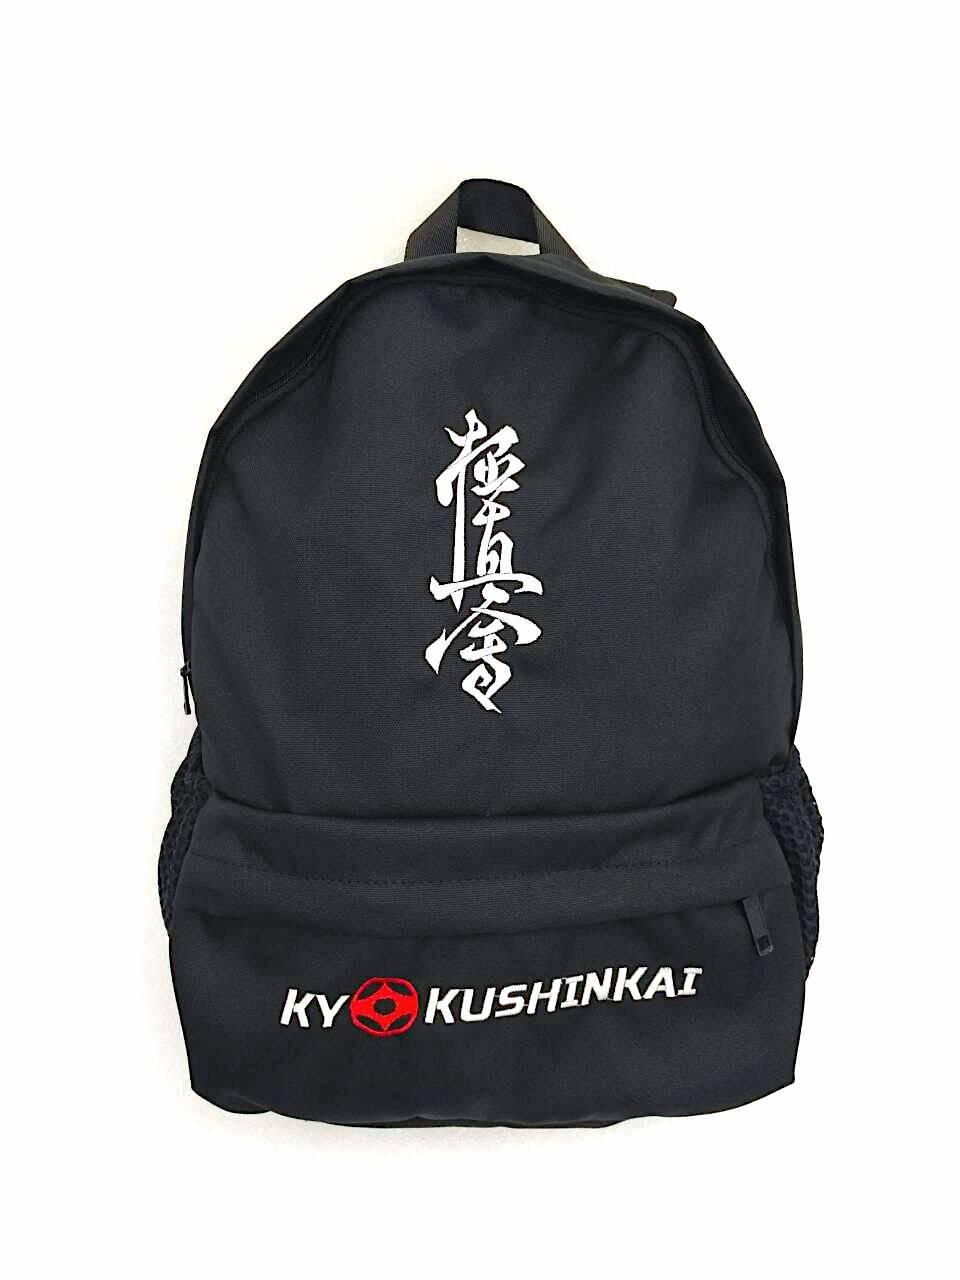 Сумки / Рюкзаки Рюкзак BFS - Small 4.jpg